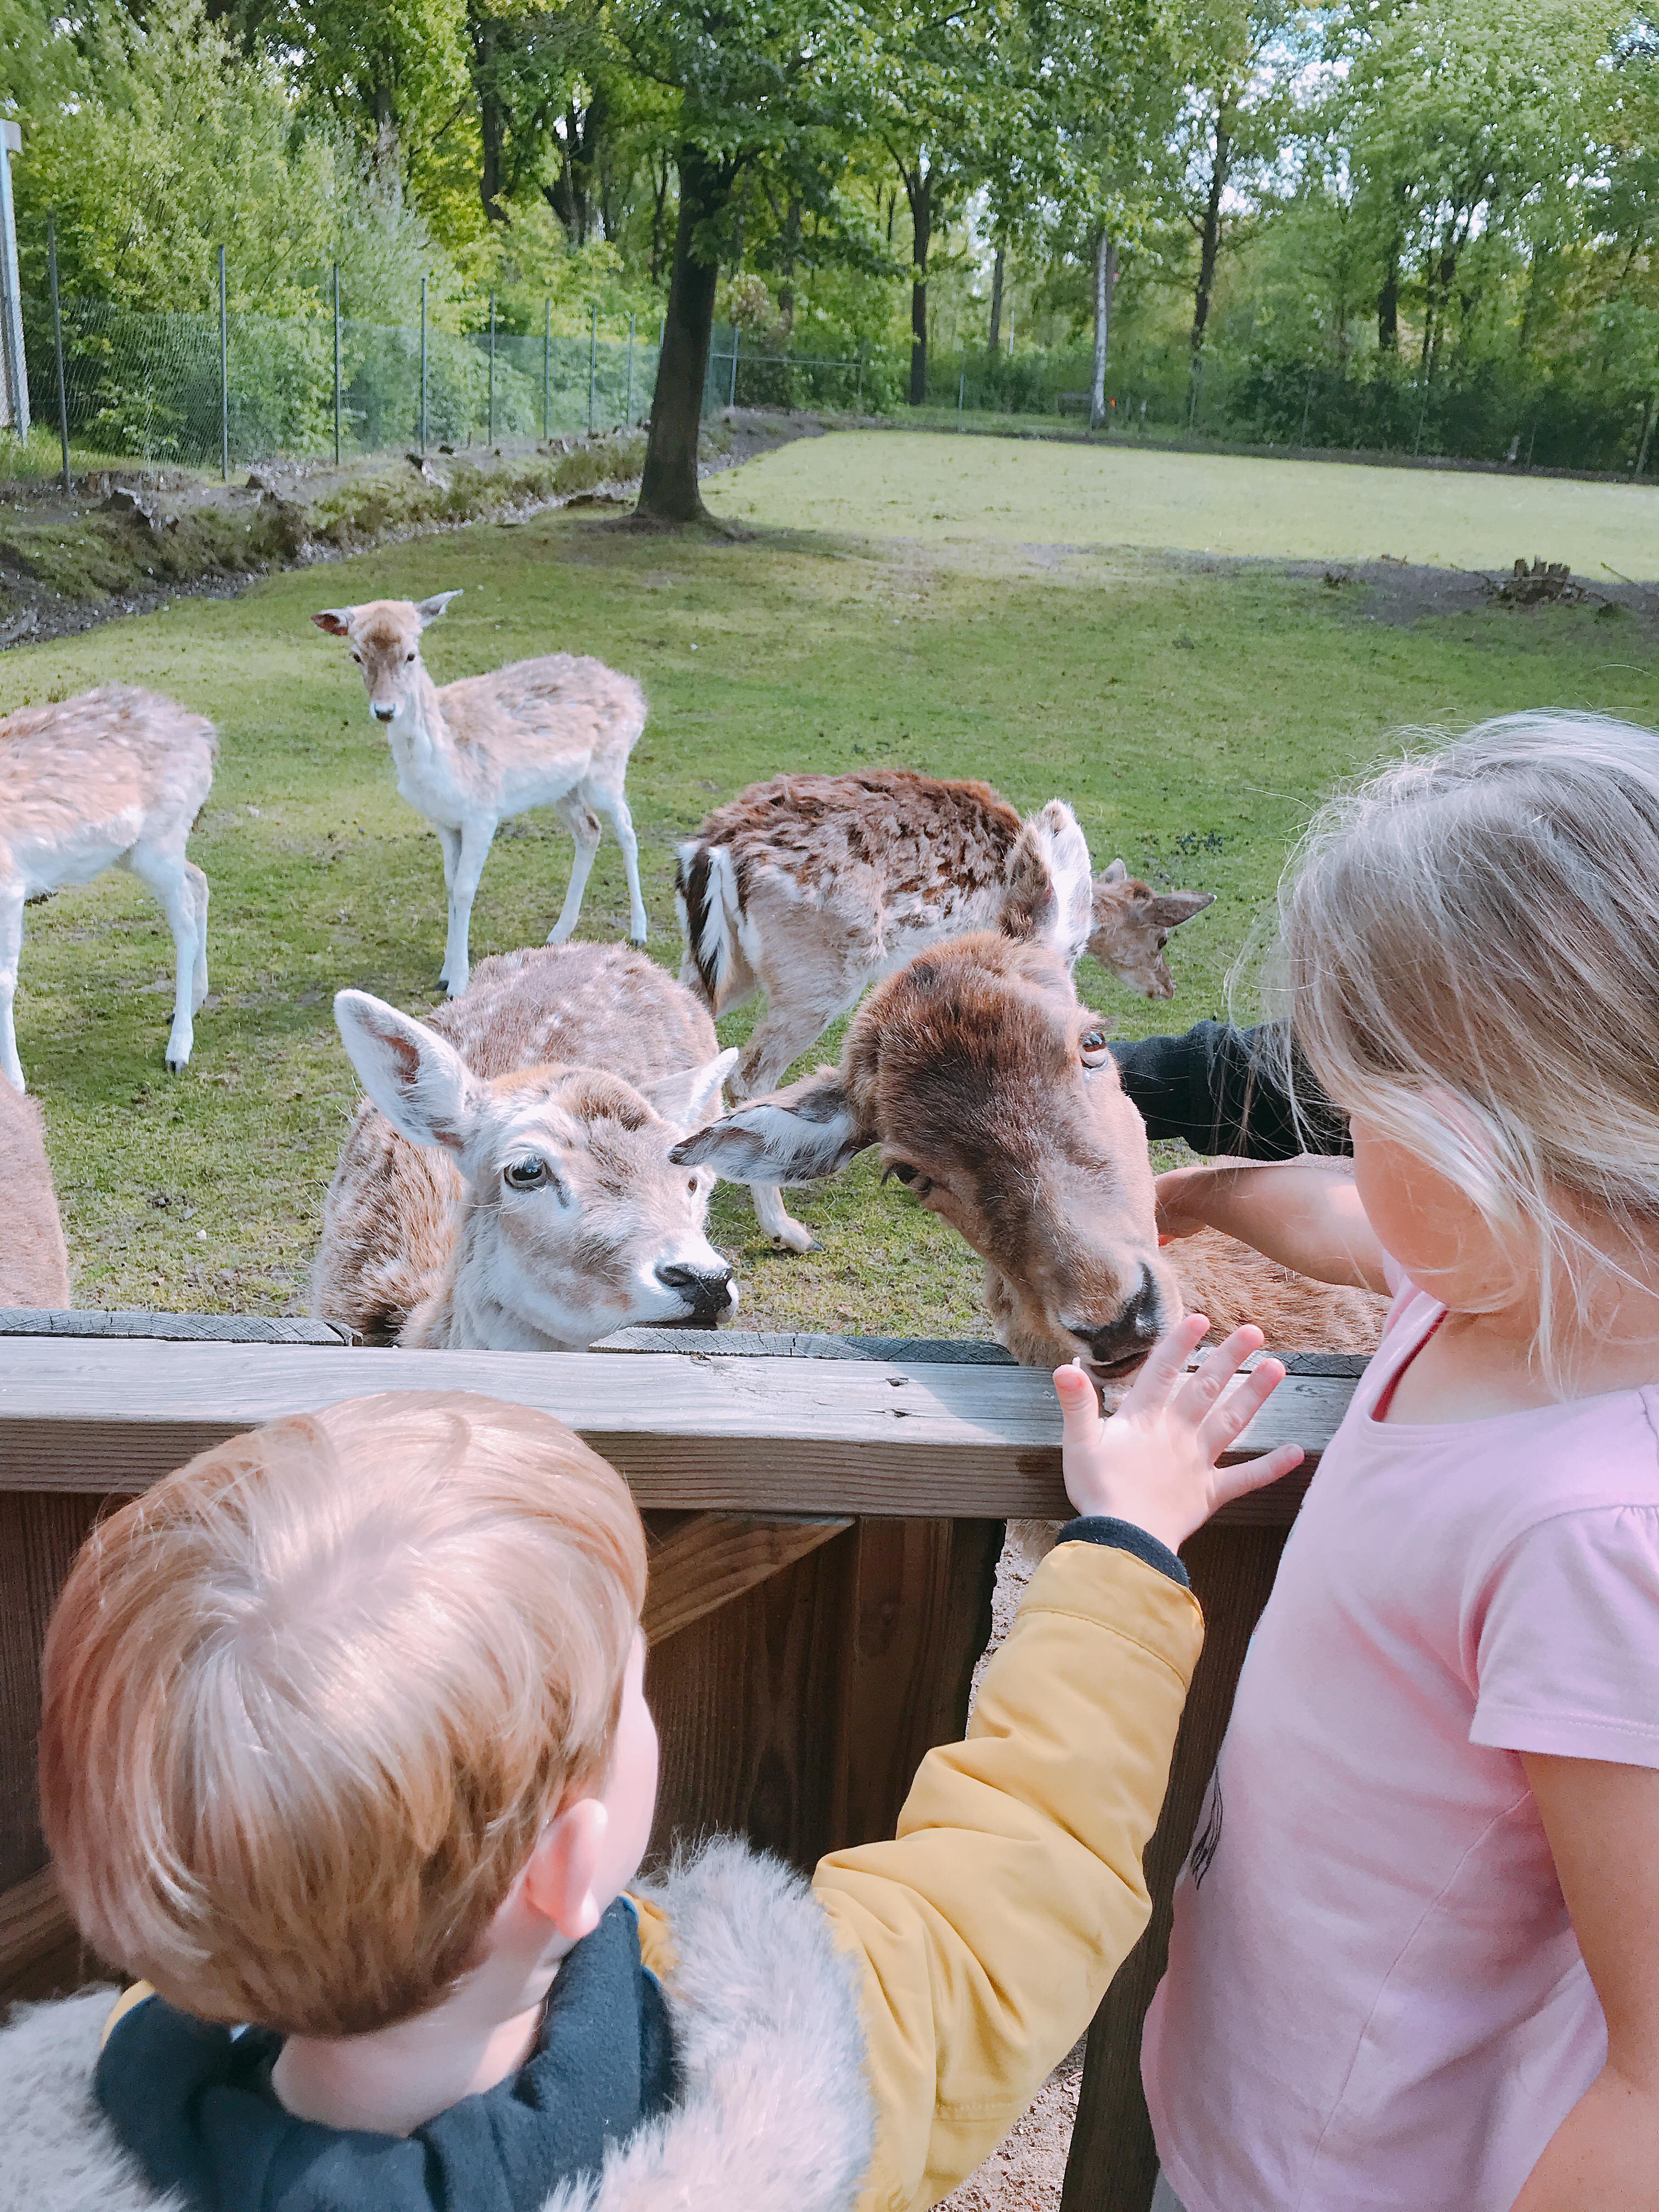 IMG 3082 3024x4032 - 7 x de leukste parken om te bezoeken deze zomer, voor de kleintjes